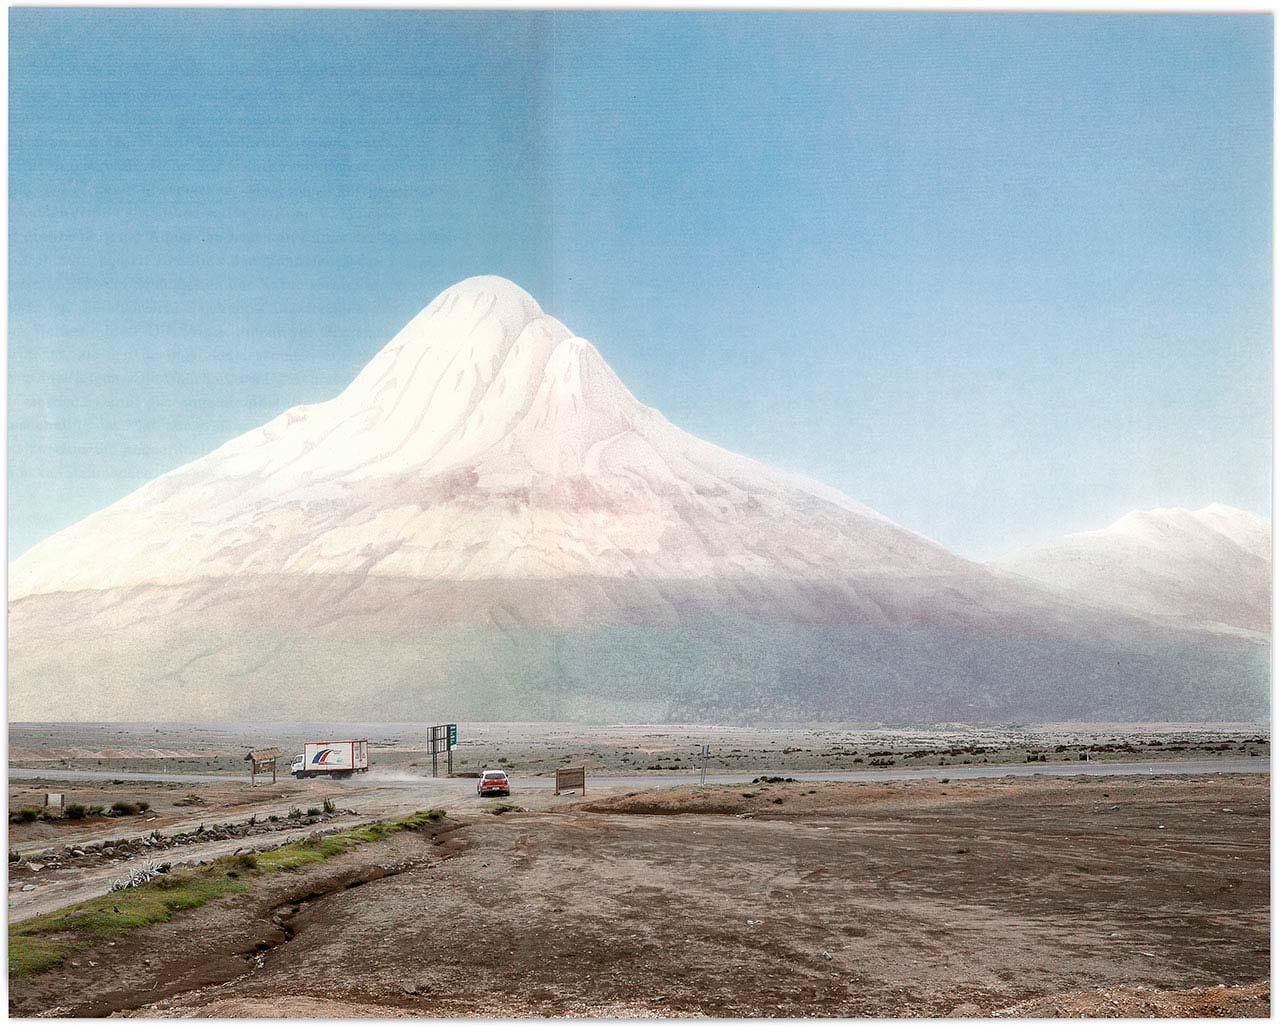 Chimborazo in Ecuador by Alexander Glandien